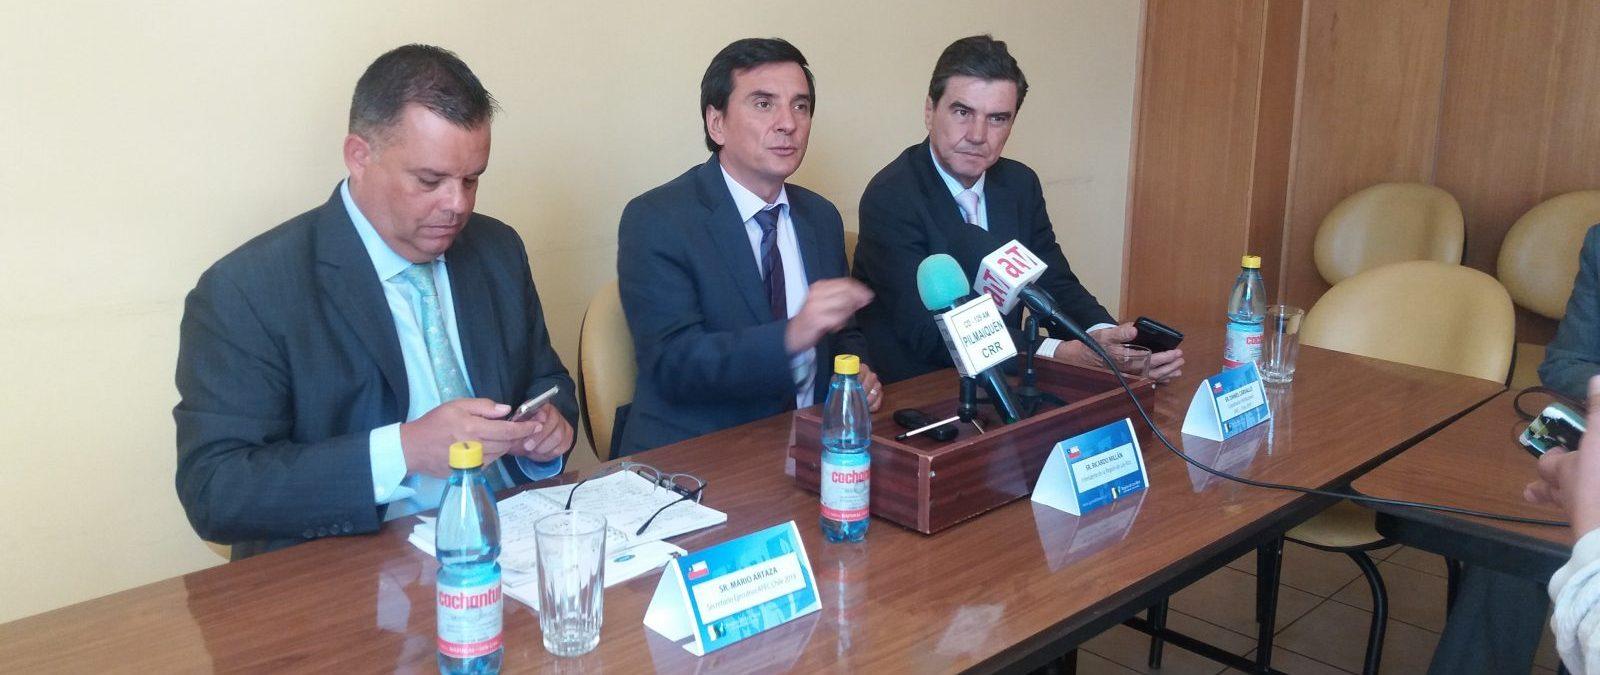 Evalúan a Los Ríos como una de las sedes de la Cumbre APEC Chile 2019